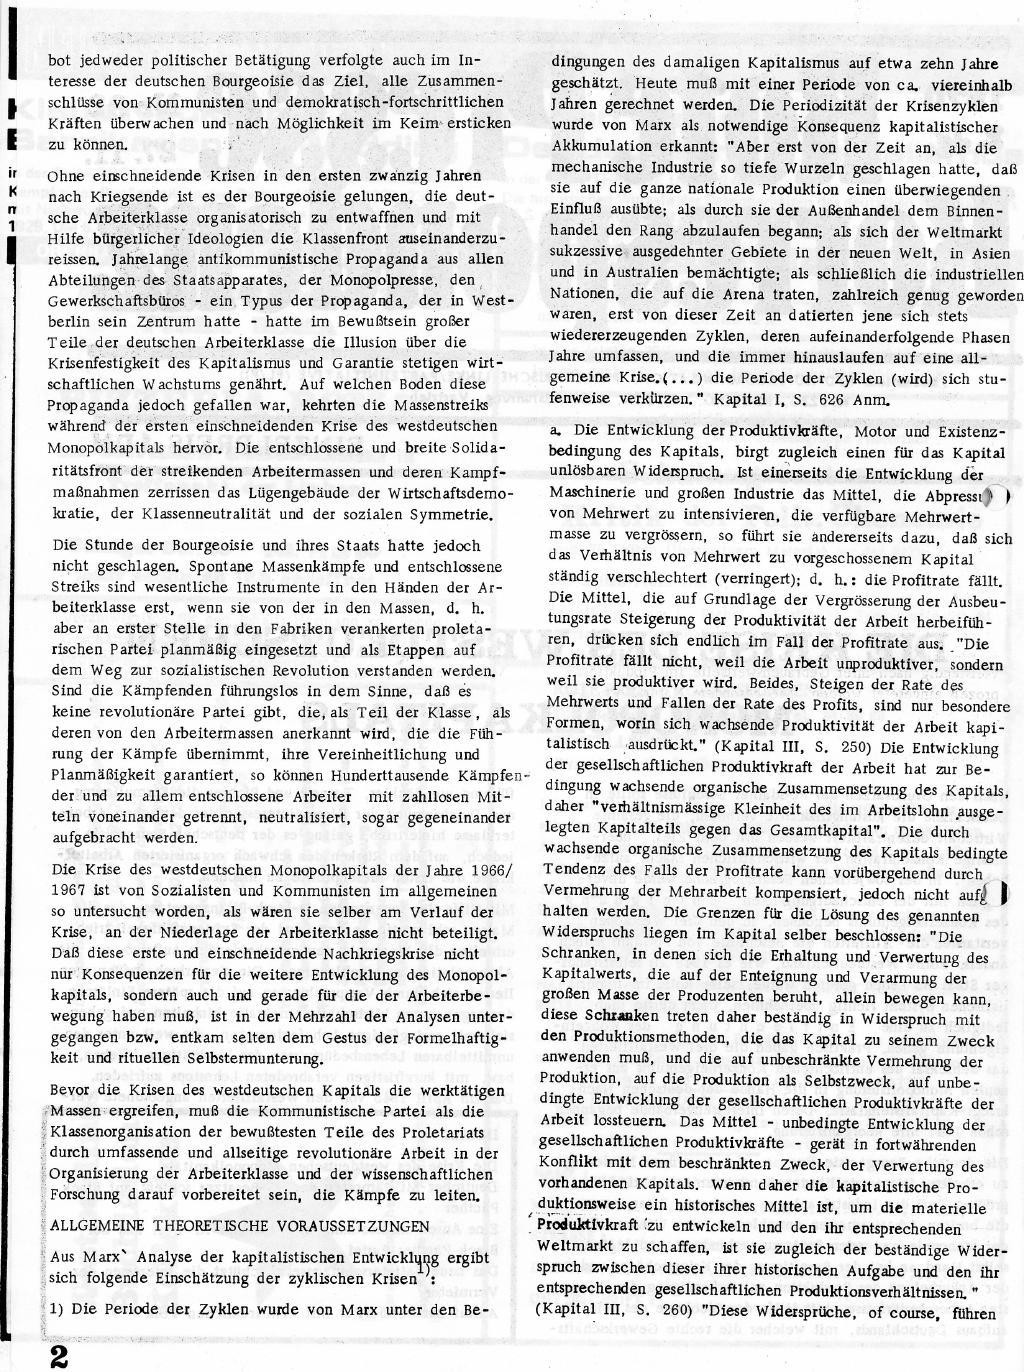 RPK_1970_092_02